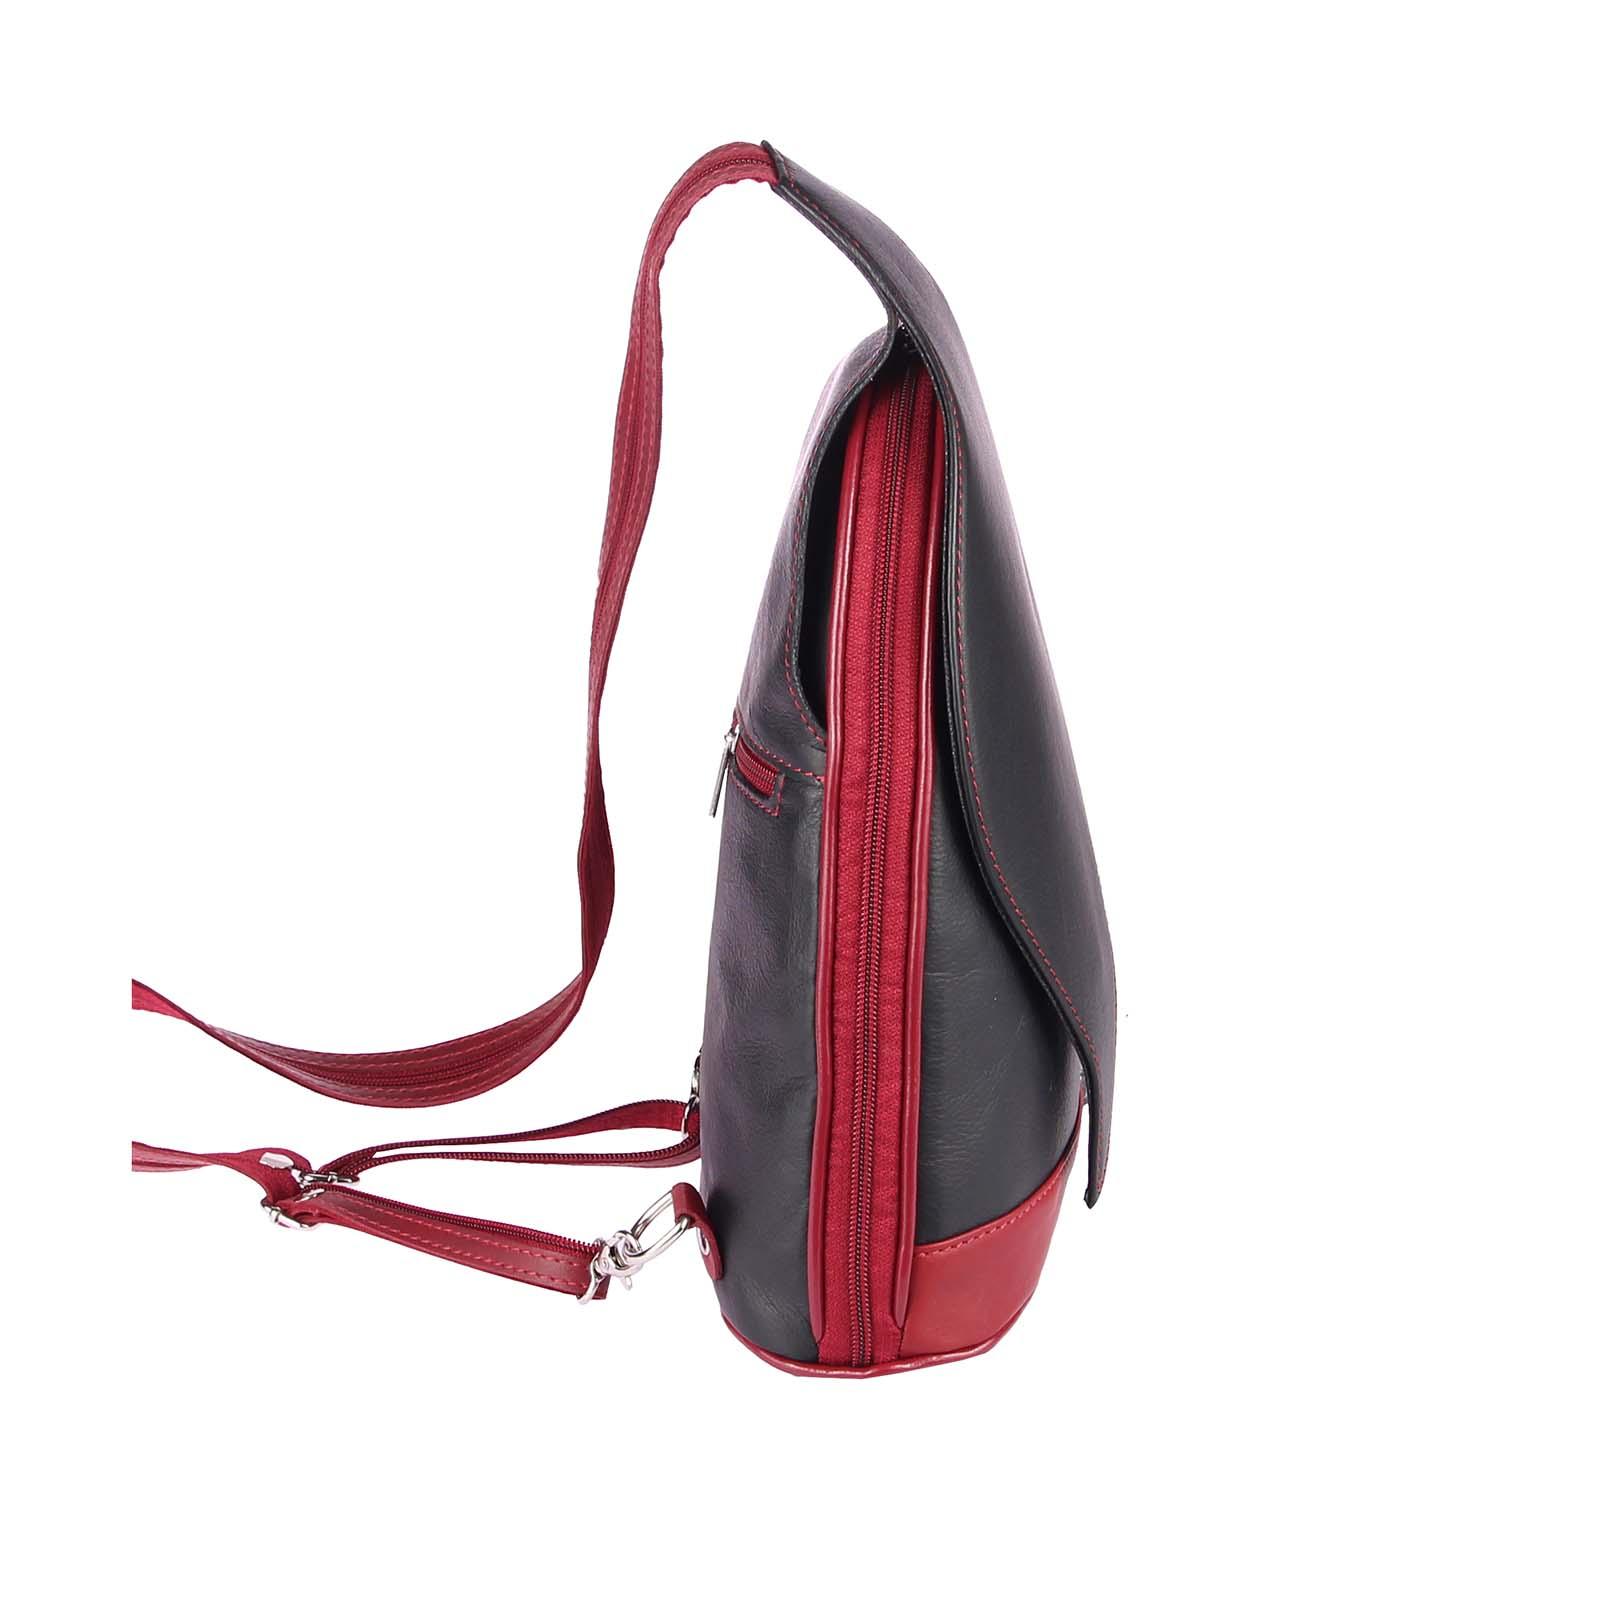 ITALY-DAMEN-LEDER-RUCKSACK-Schulter-Tasche-Reise-BACKPACK-Lederrucksack-it-BAG Indexbild 24